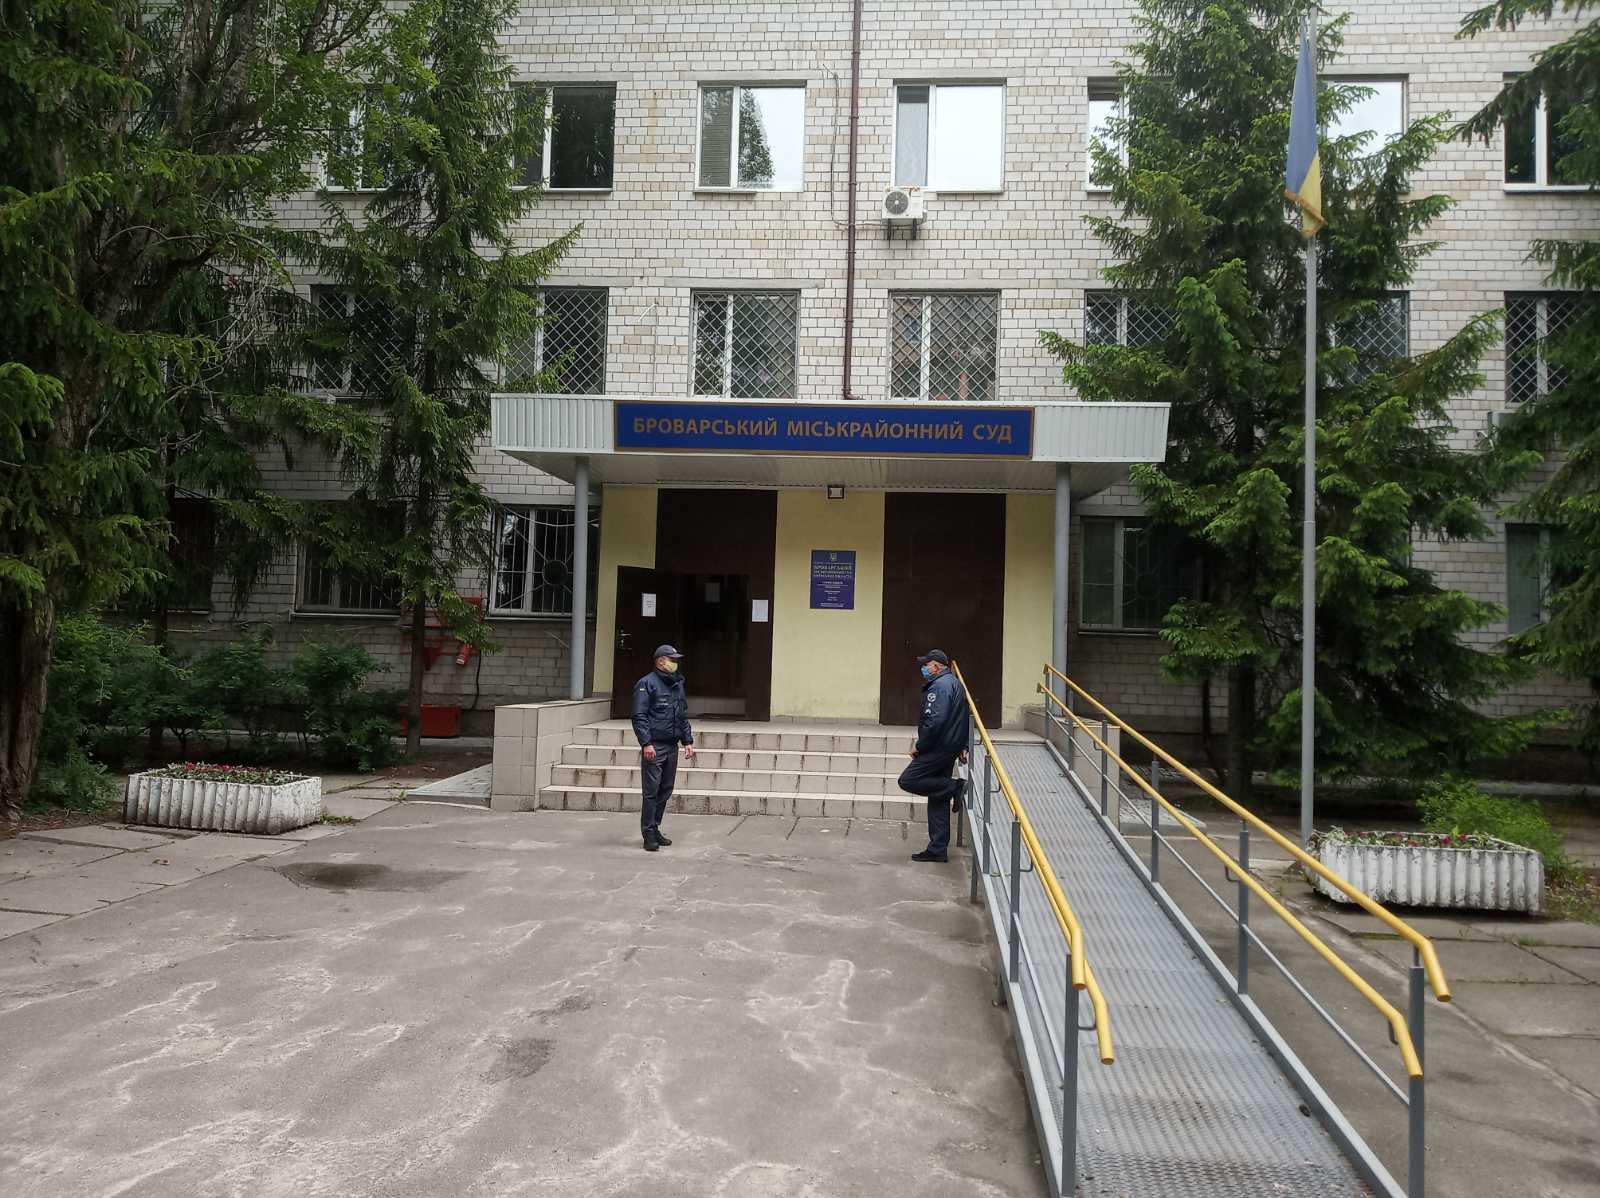 Броварський суд арештував на два місяці 20 осіб, підозрюваних у масовій стрілянині - стрілянина - yzobrazhenye viber 2020 05 31 13 09 53777